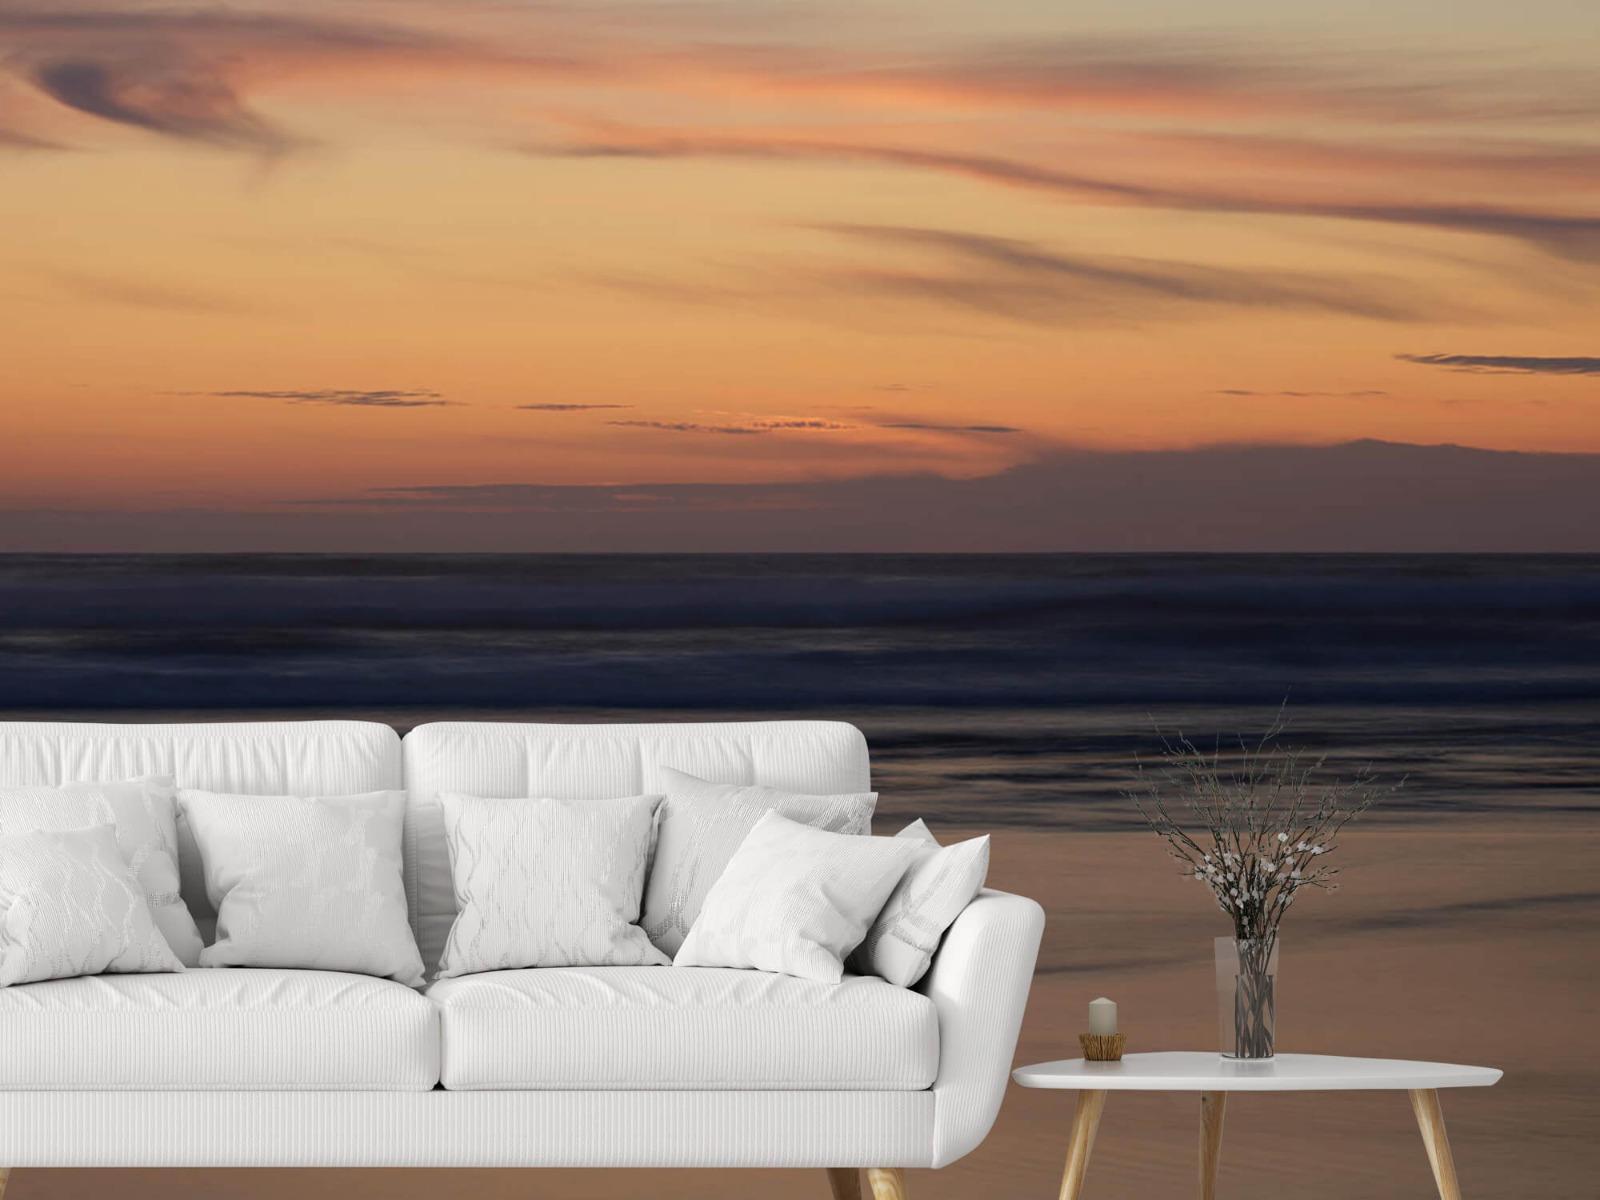 Zeeën en Oceanen - Zonsondergang aan de kust - Slaapkamer 2